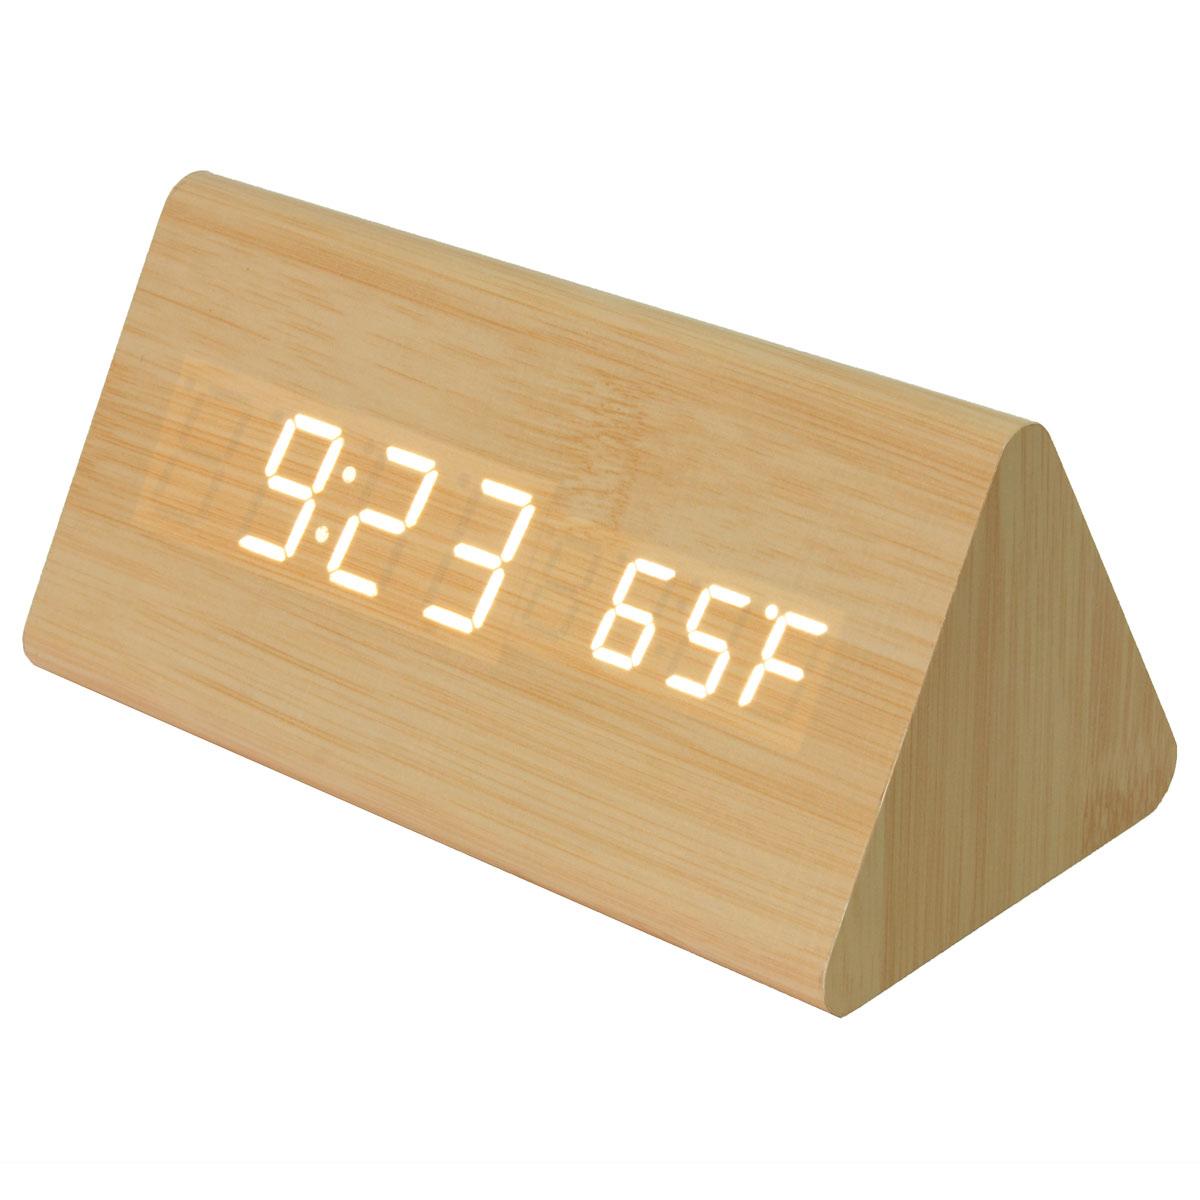 digitaler led wecker thermometer kalender wooden holz alarm temperatur uhr datum ebay. Black Bedroom Furniture Sets. Home Design Ideas